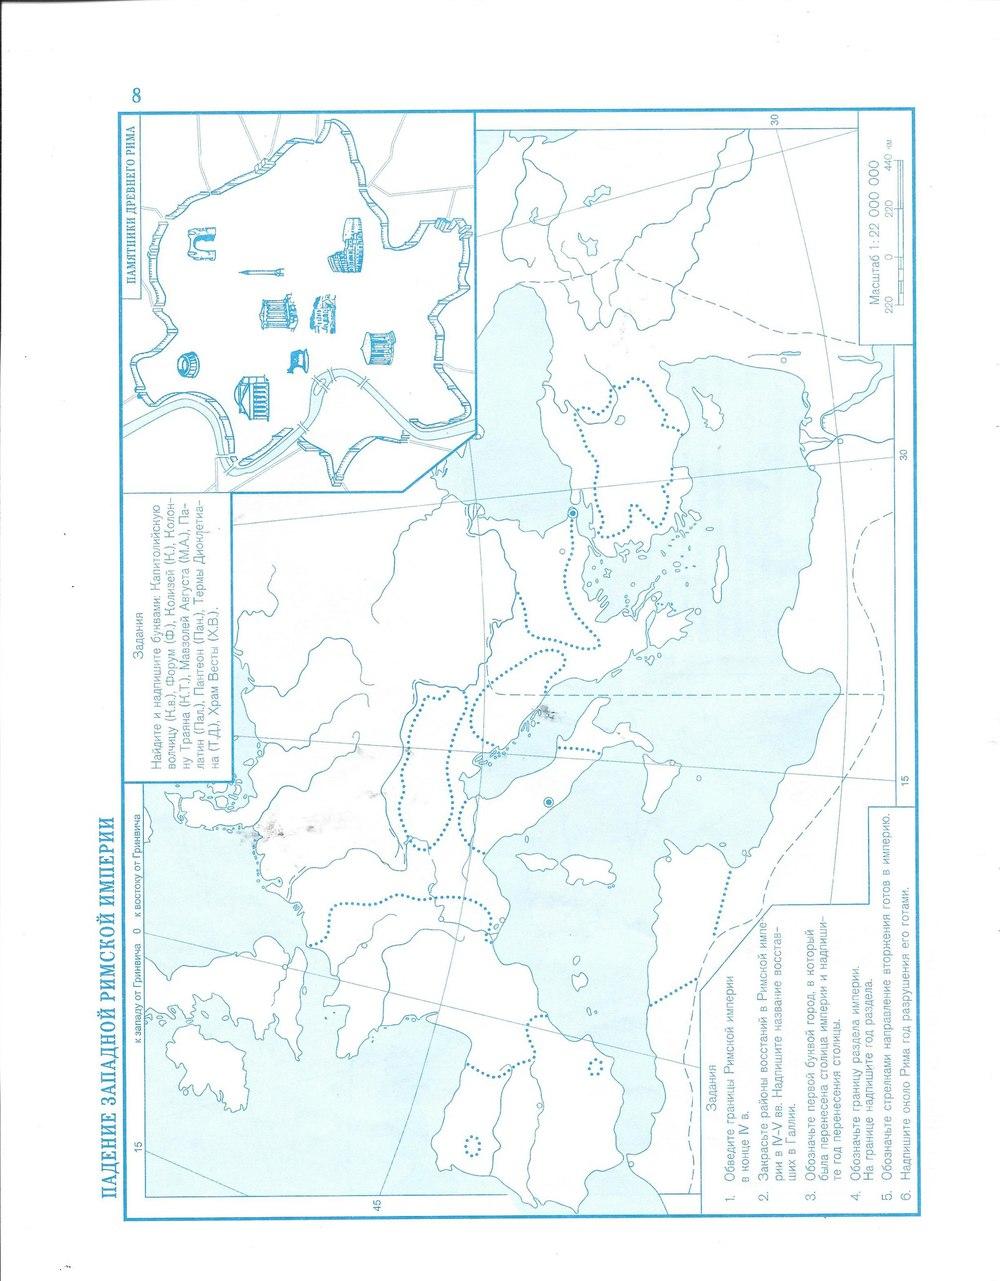 Решебник к контурной карте по истории древнего мира 5 класс